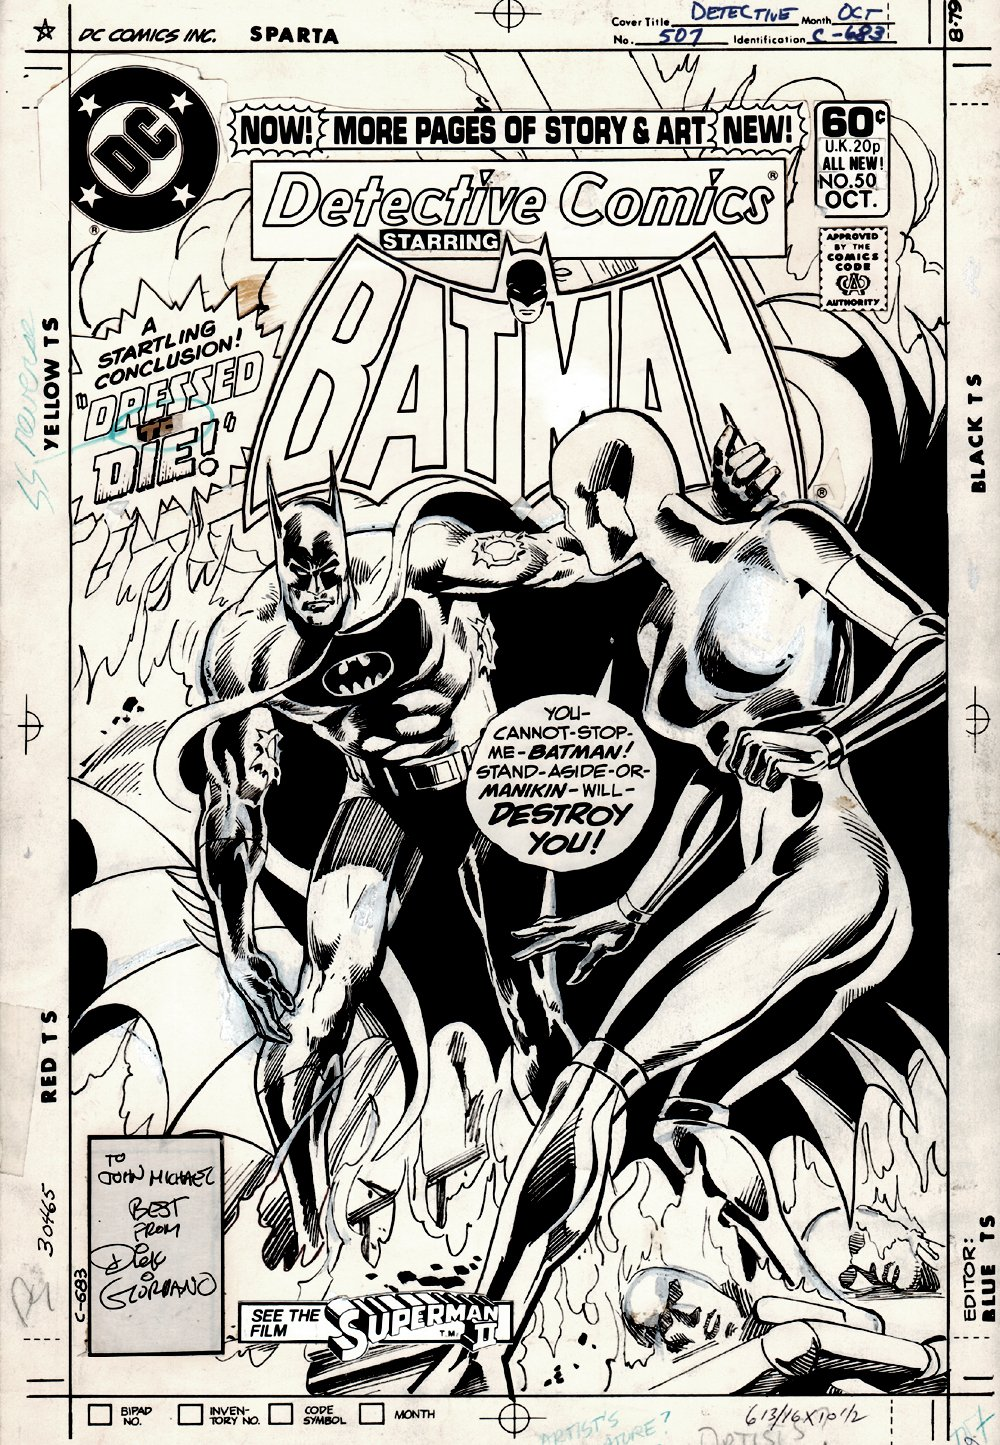 Detective Comics #507 Cover (1981)